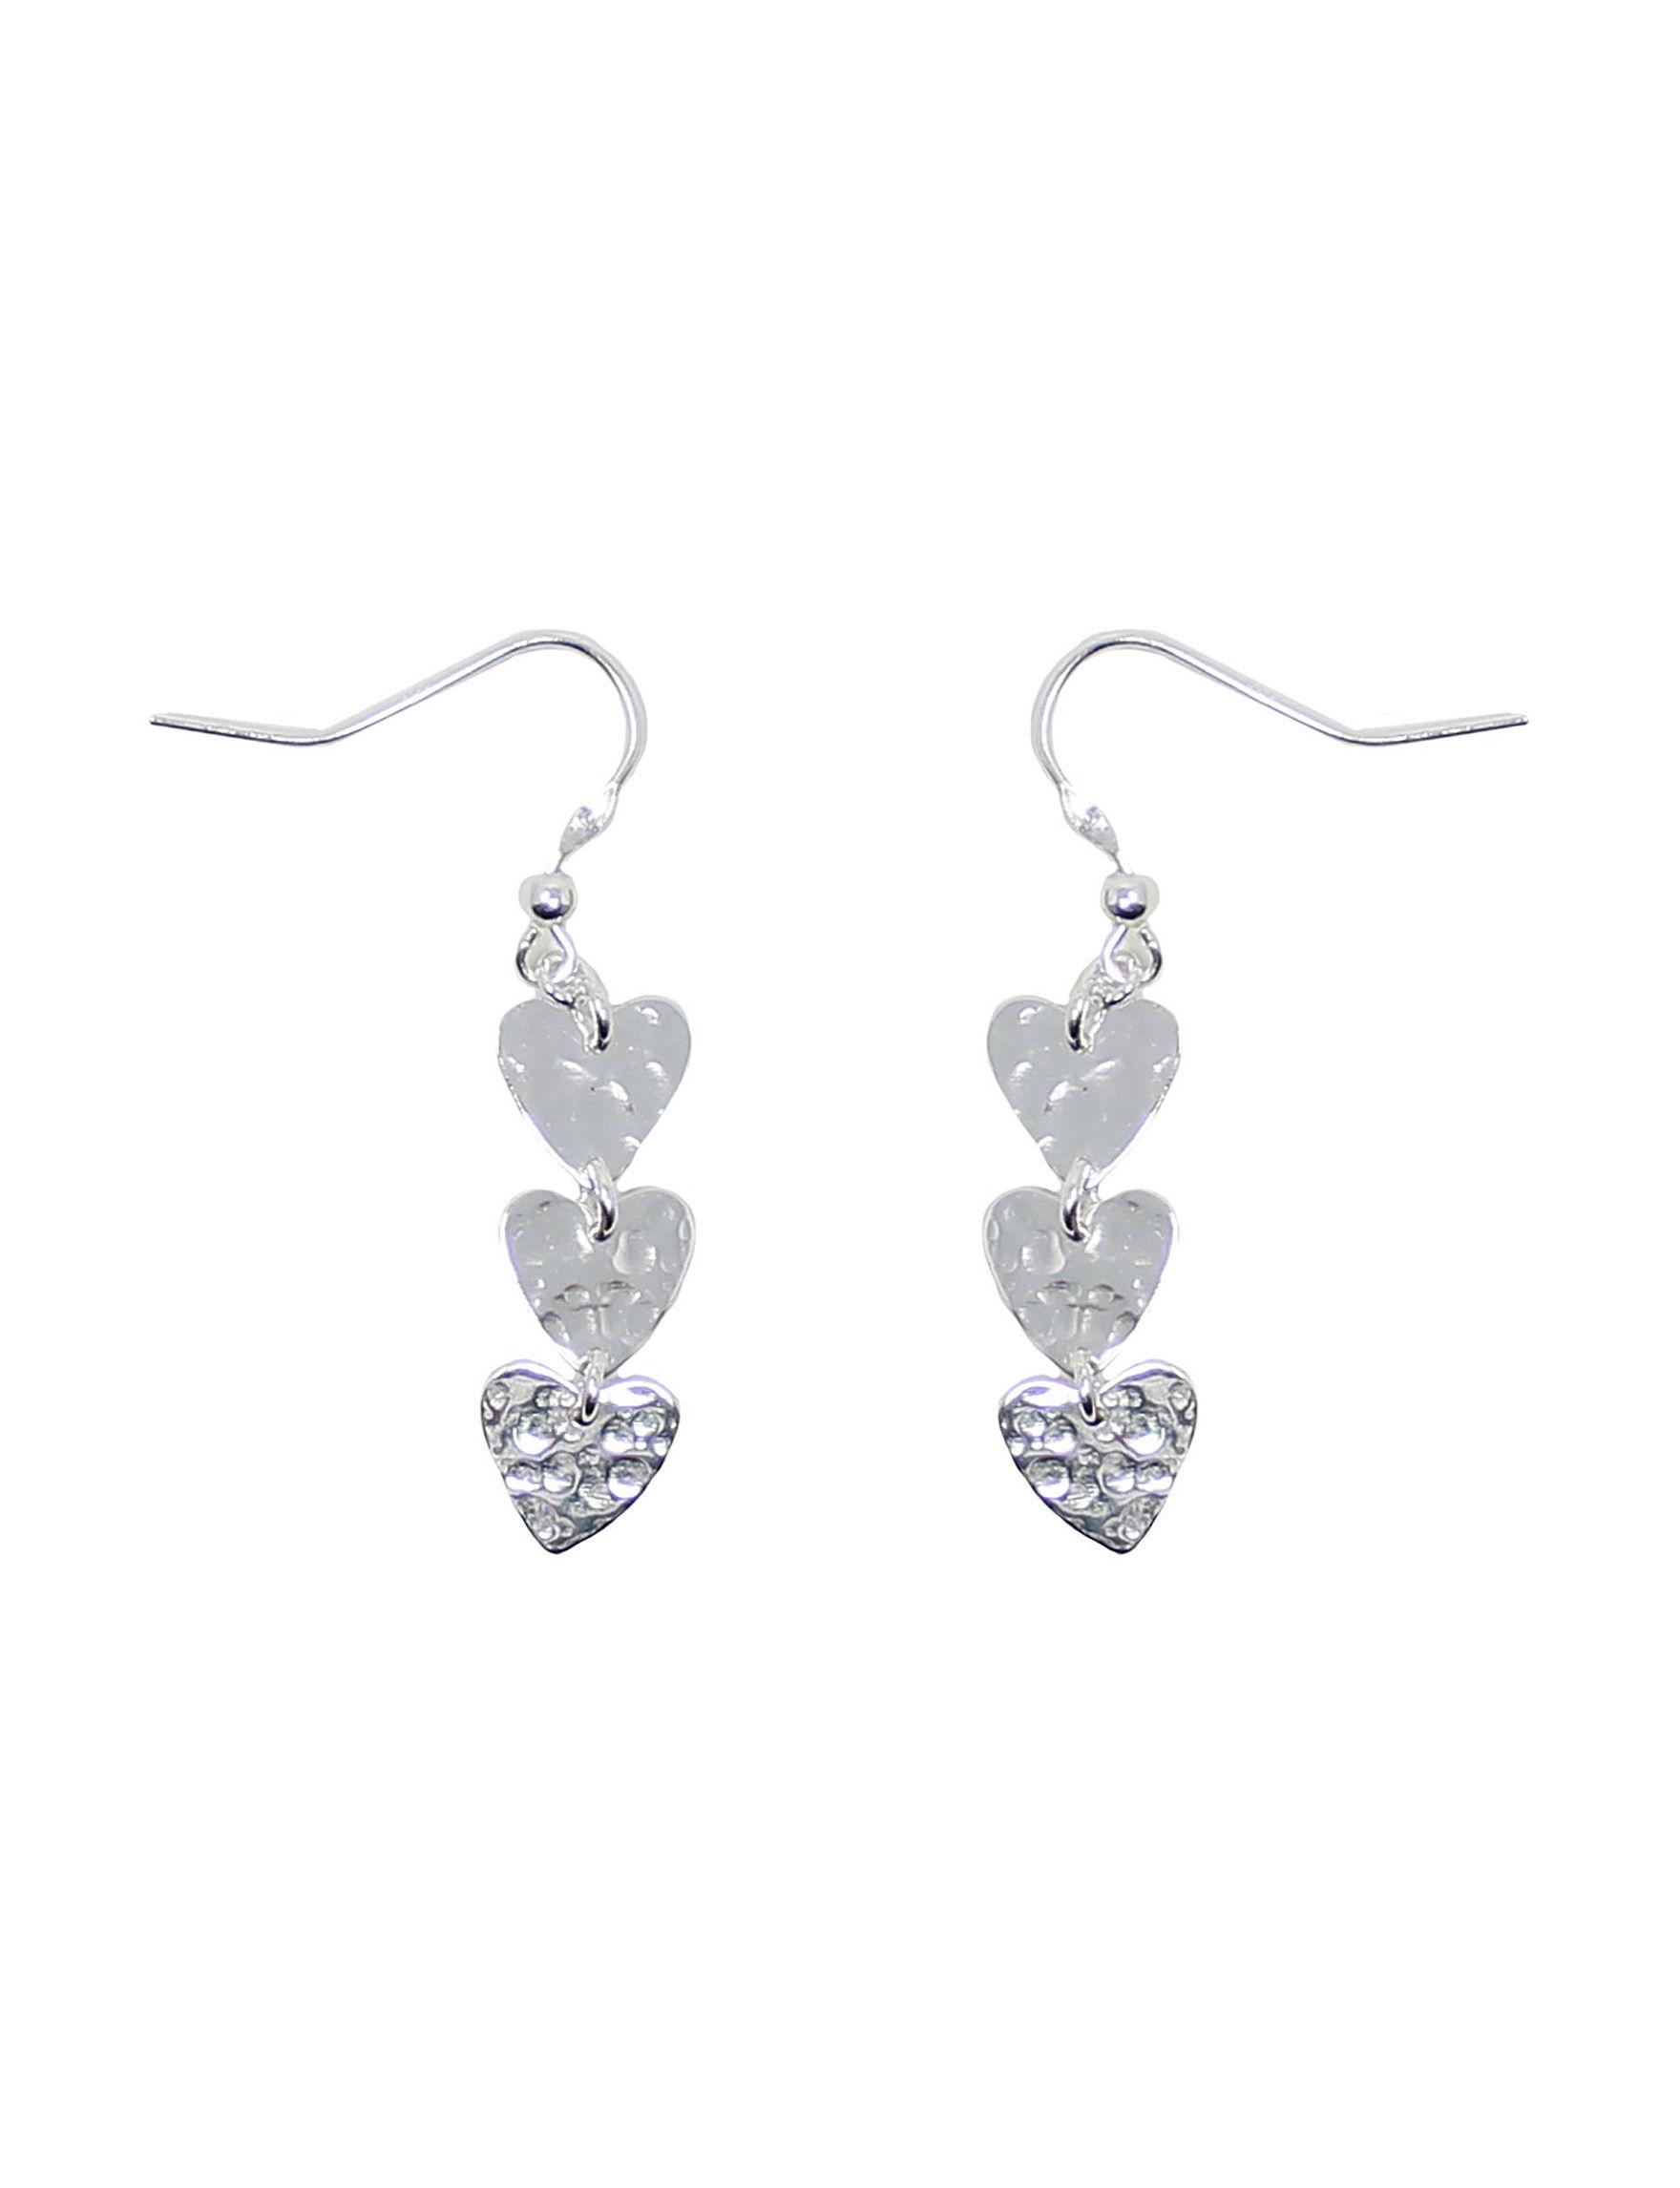 L & J Silver Drops Earrings Fine Jewelry